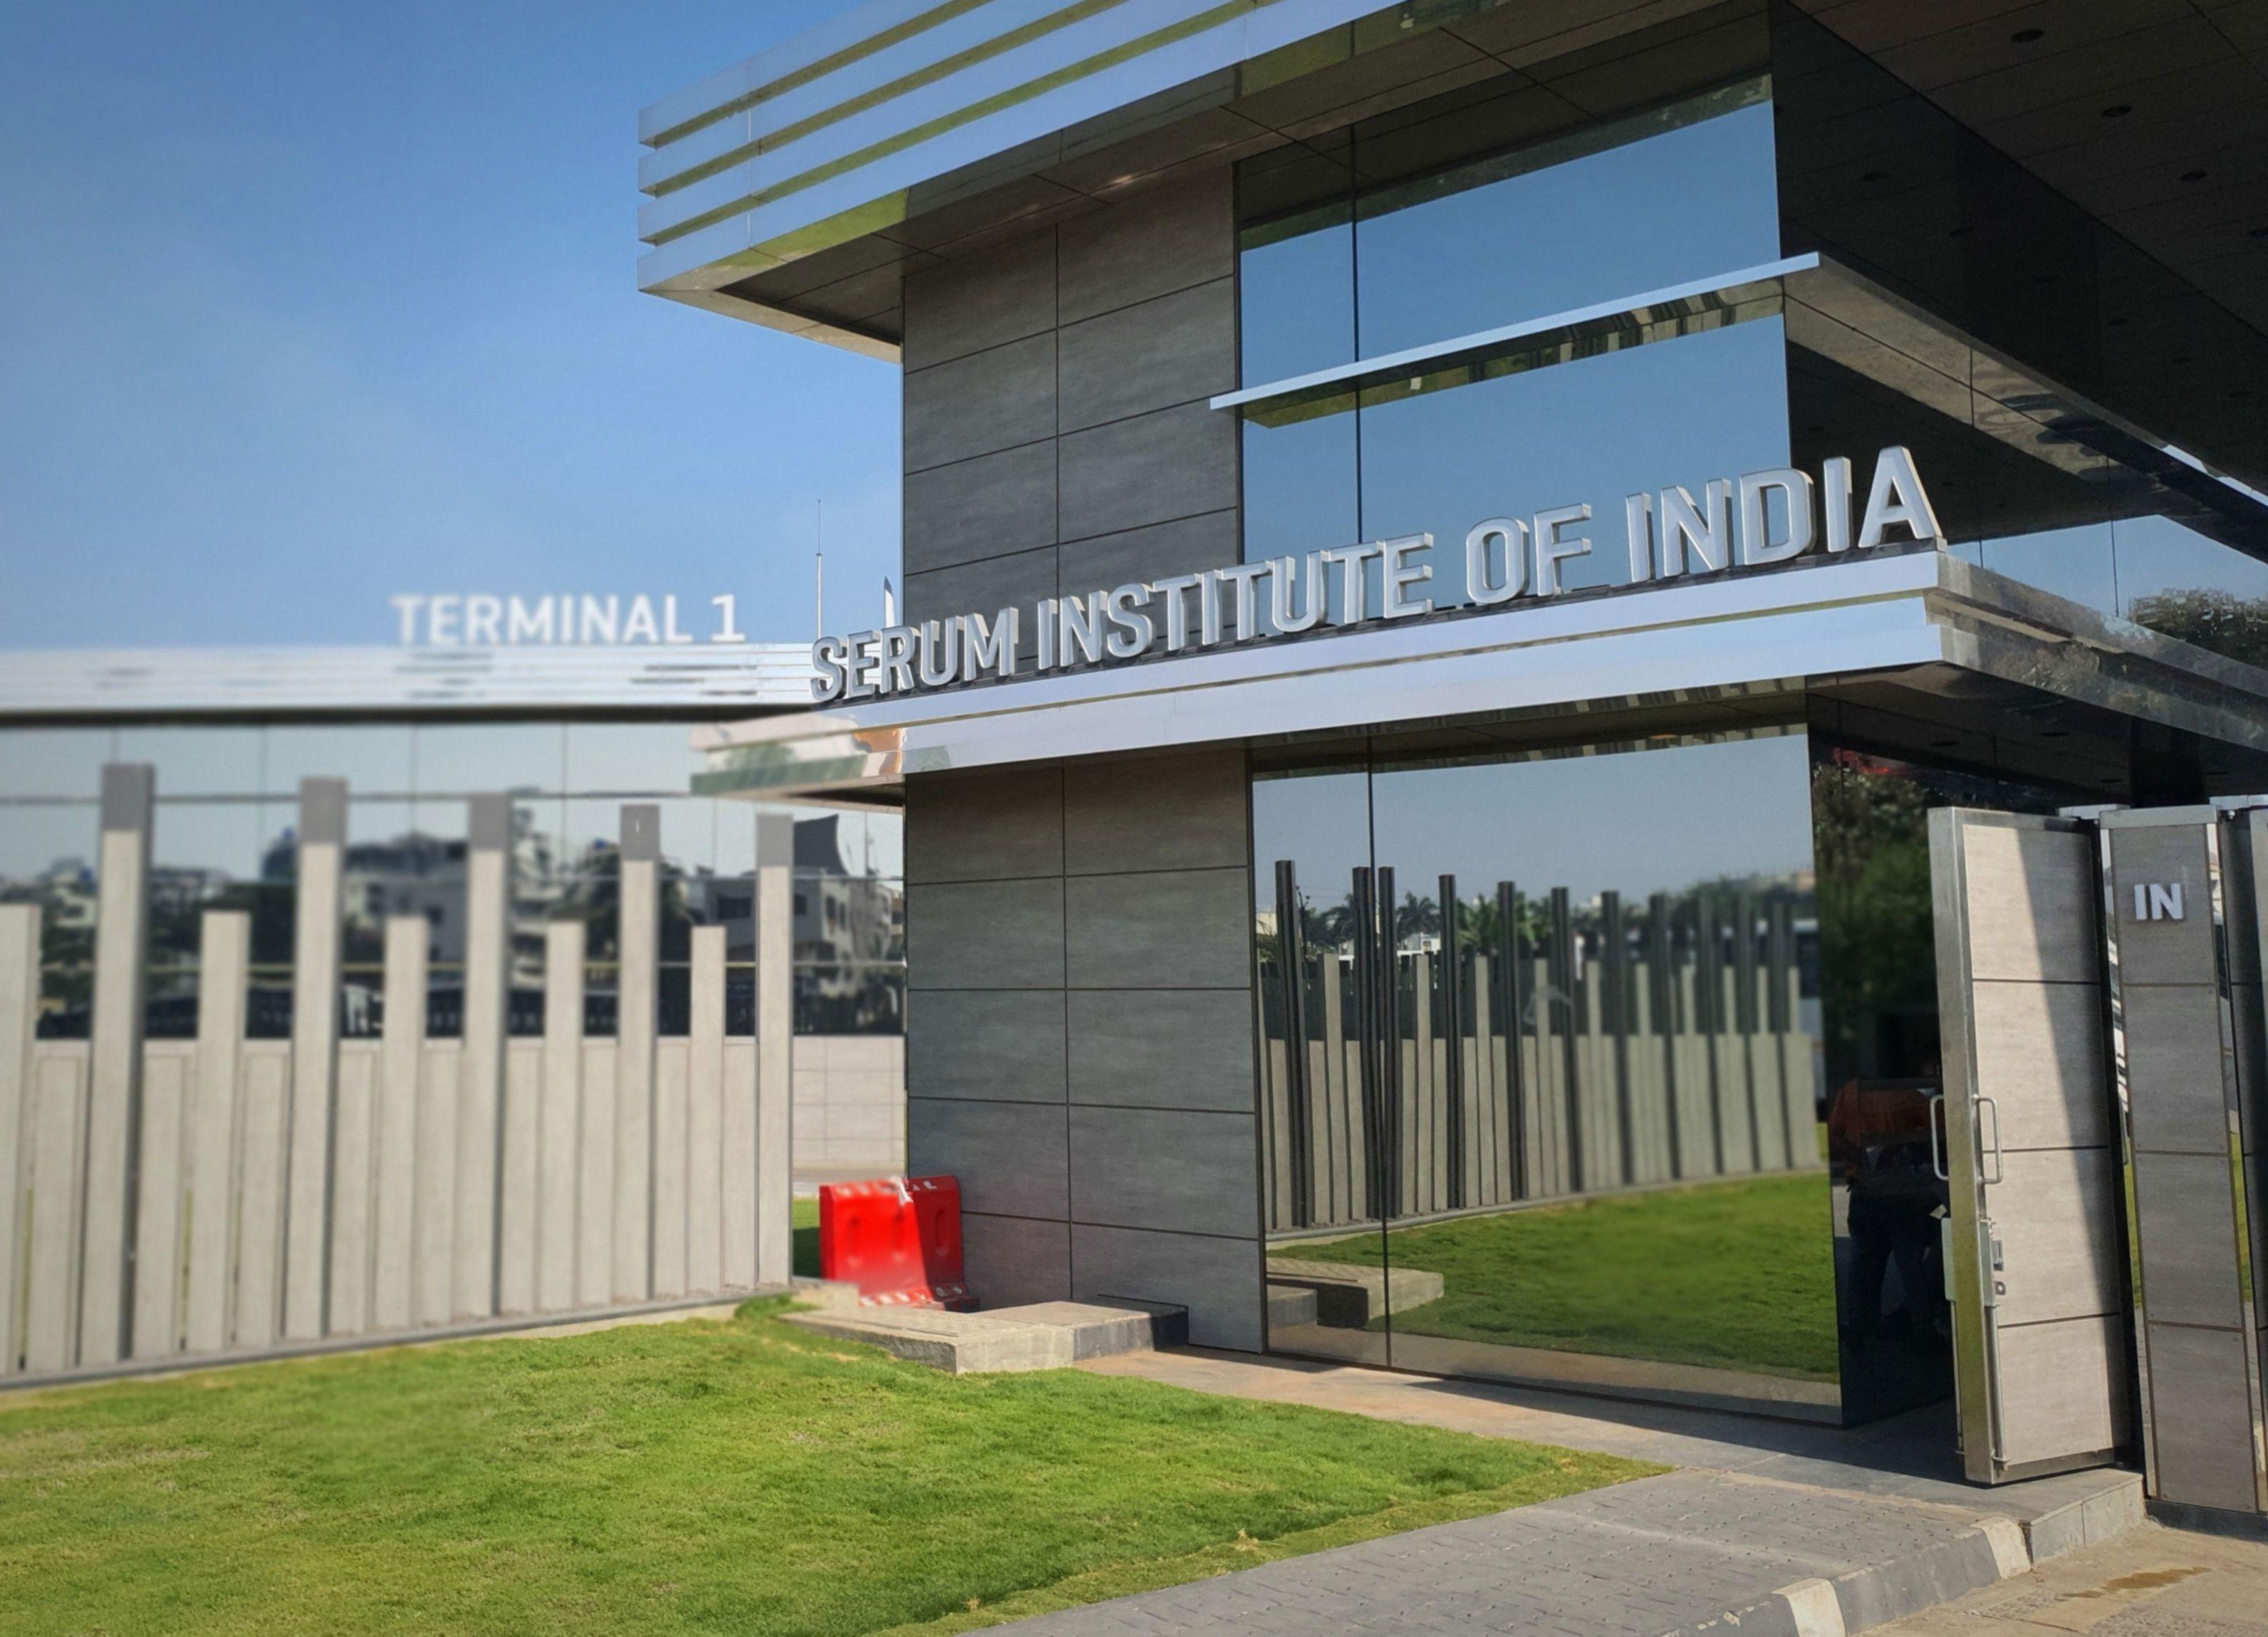 L'entrée principale du Serum Institute of India (1)